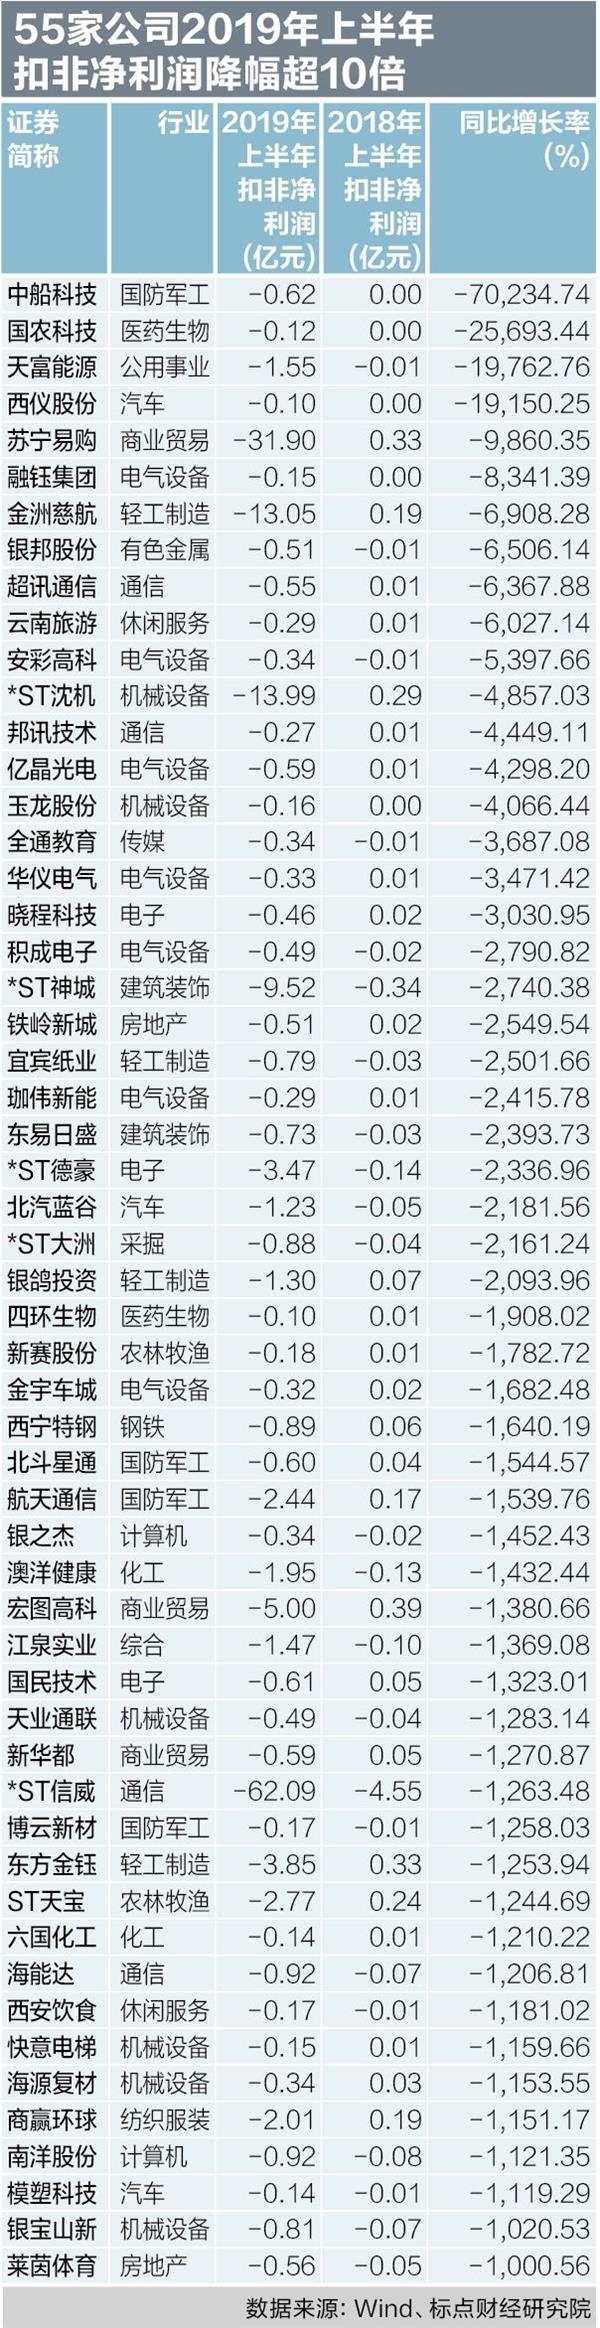 2019上半年A股扣非净利降幅榜:中船科技居首 5家科创公司现身